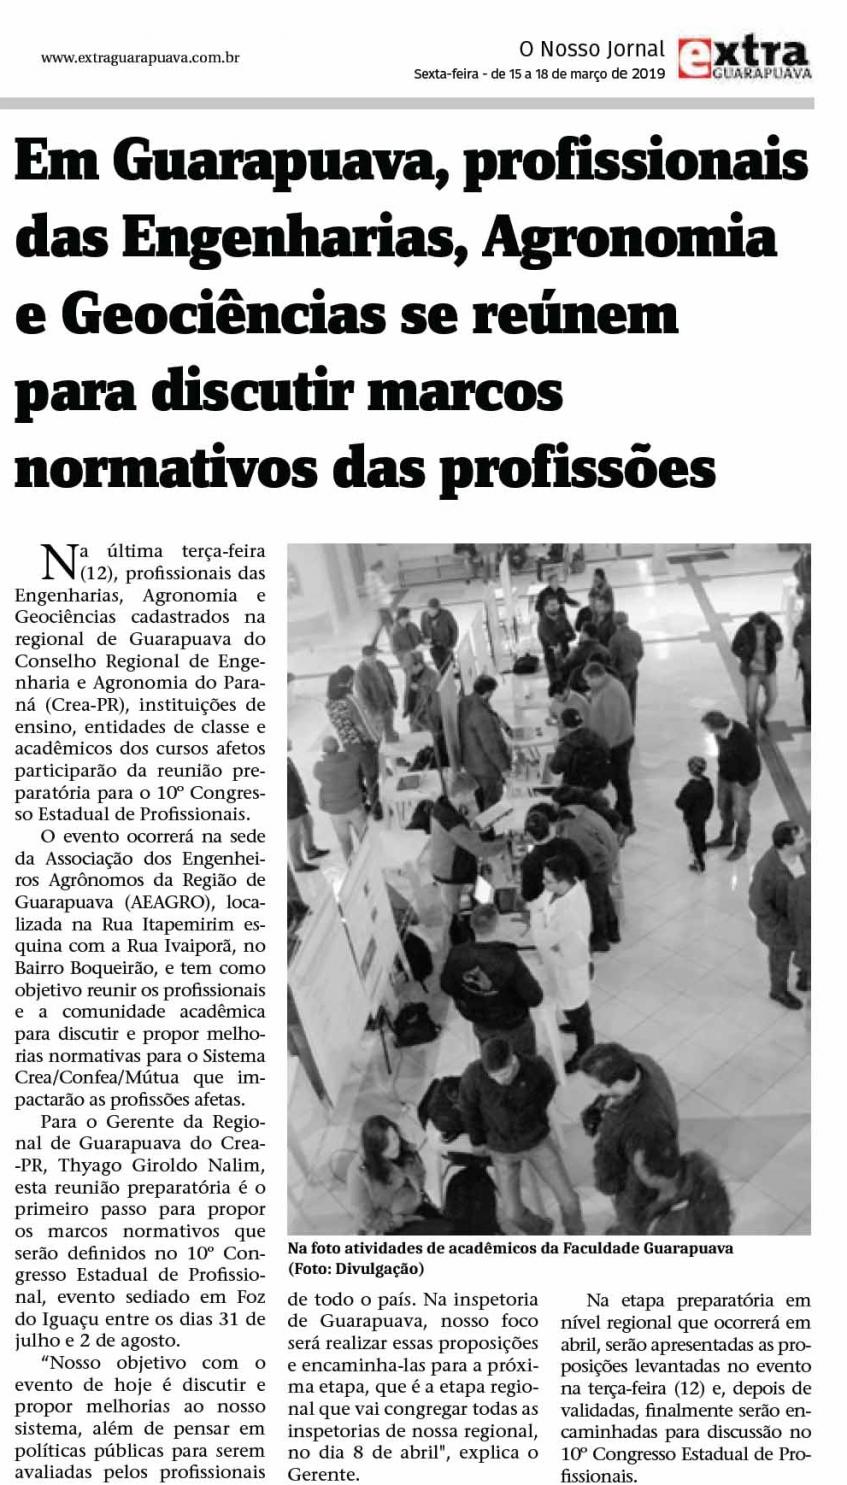 Matéria de 1/3 de página sobre a discussão sobre o normativo das profissões em Guarapuava